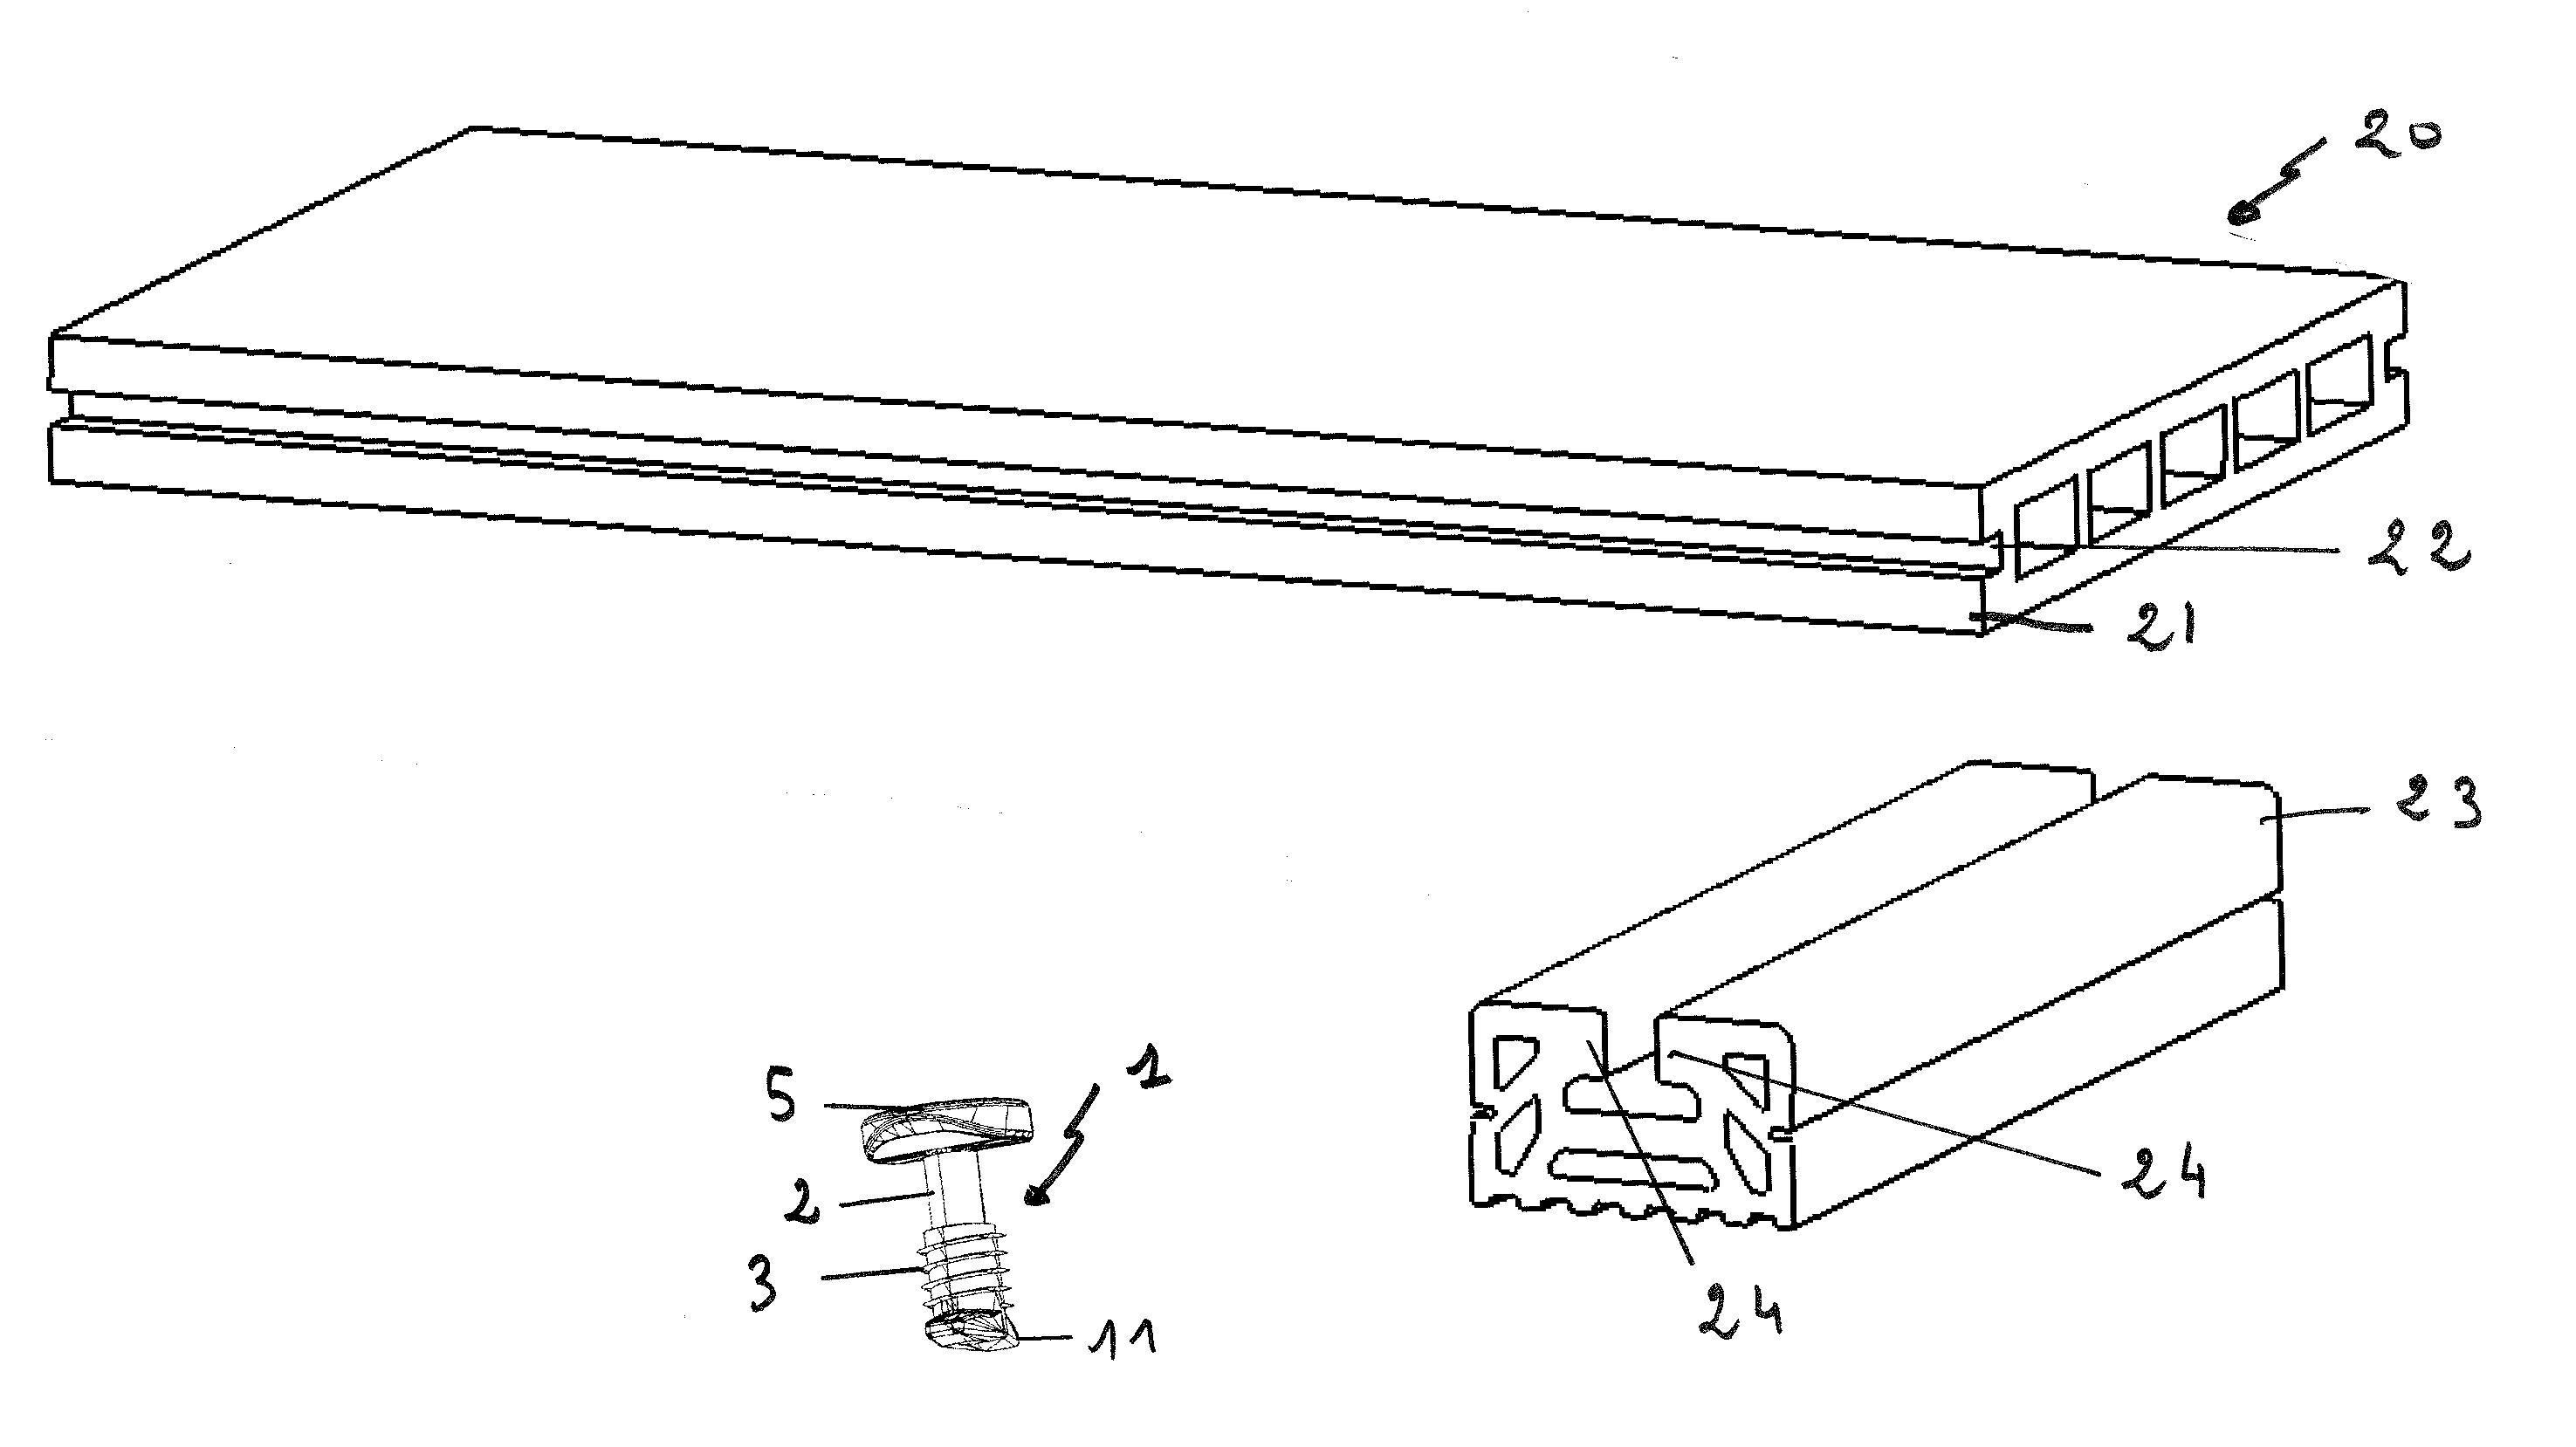 Schéma présentant le système de fixation de lame de parquet inventé par Mécastyle